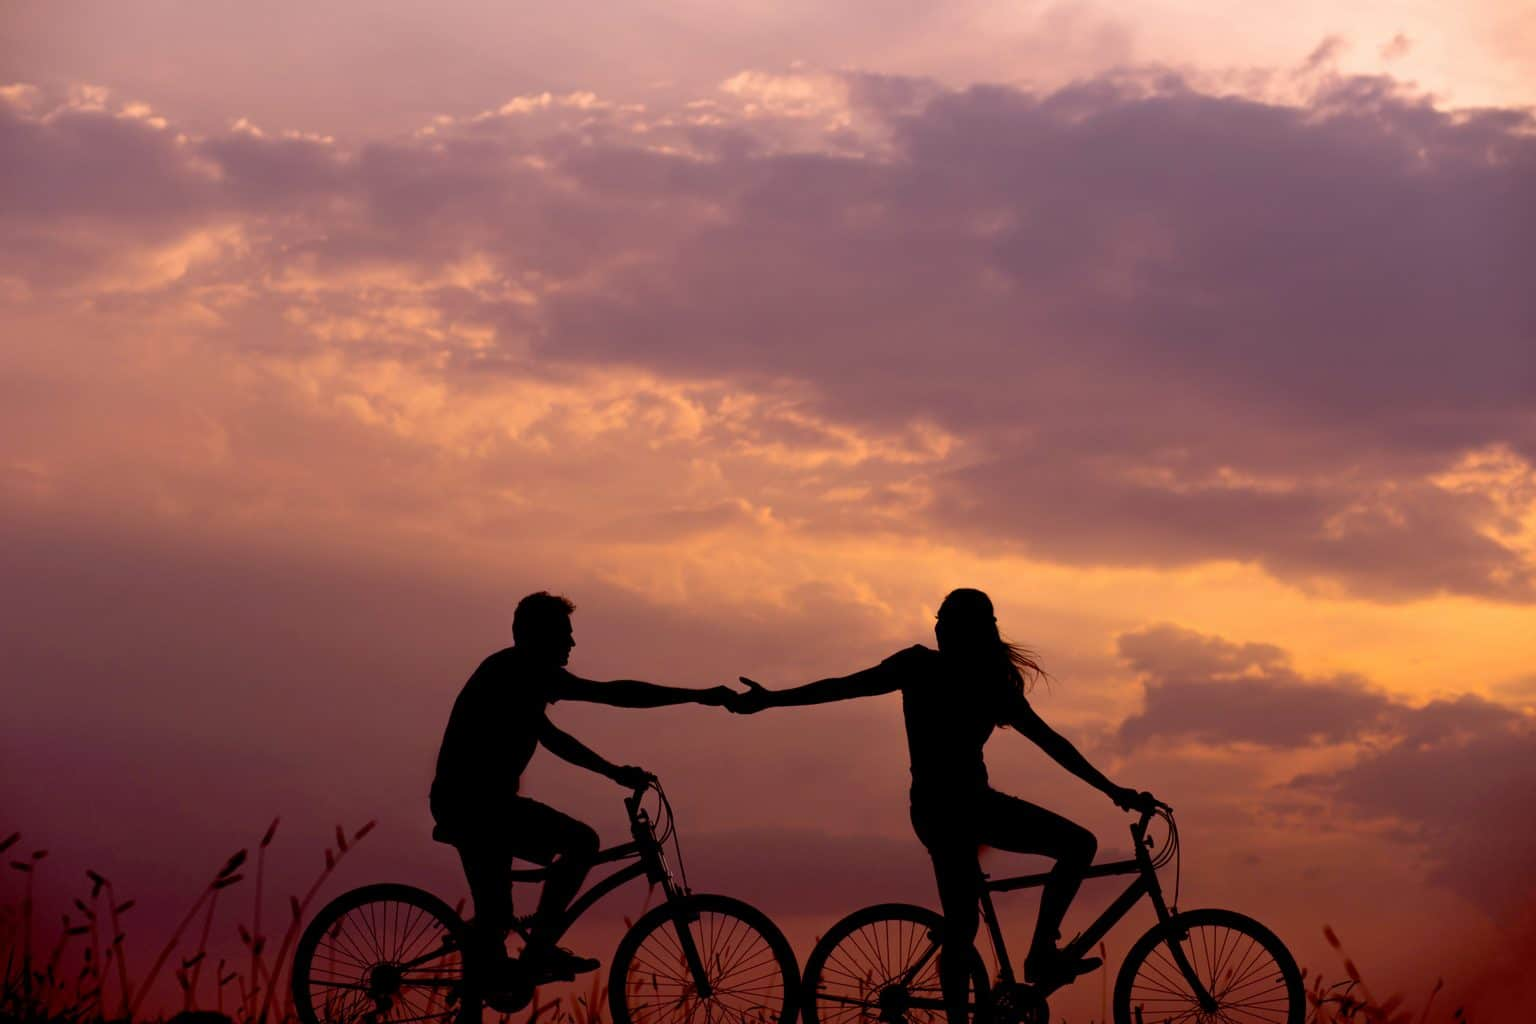 Silhouette Paar auf Fahrrädern in Feld vor orange violettem Himmel